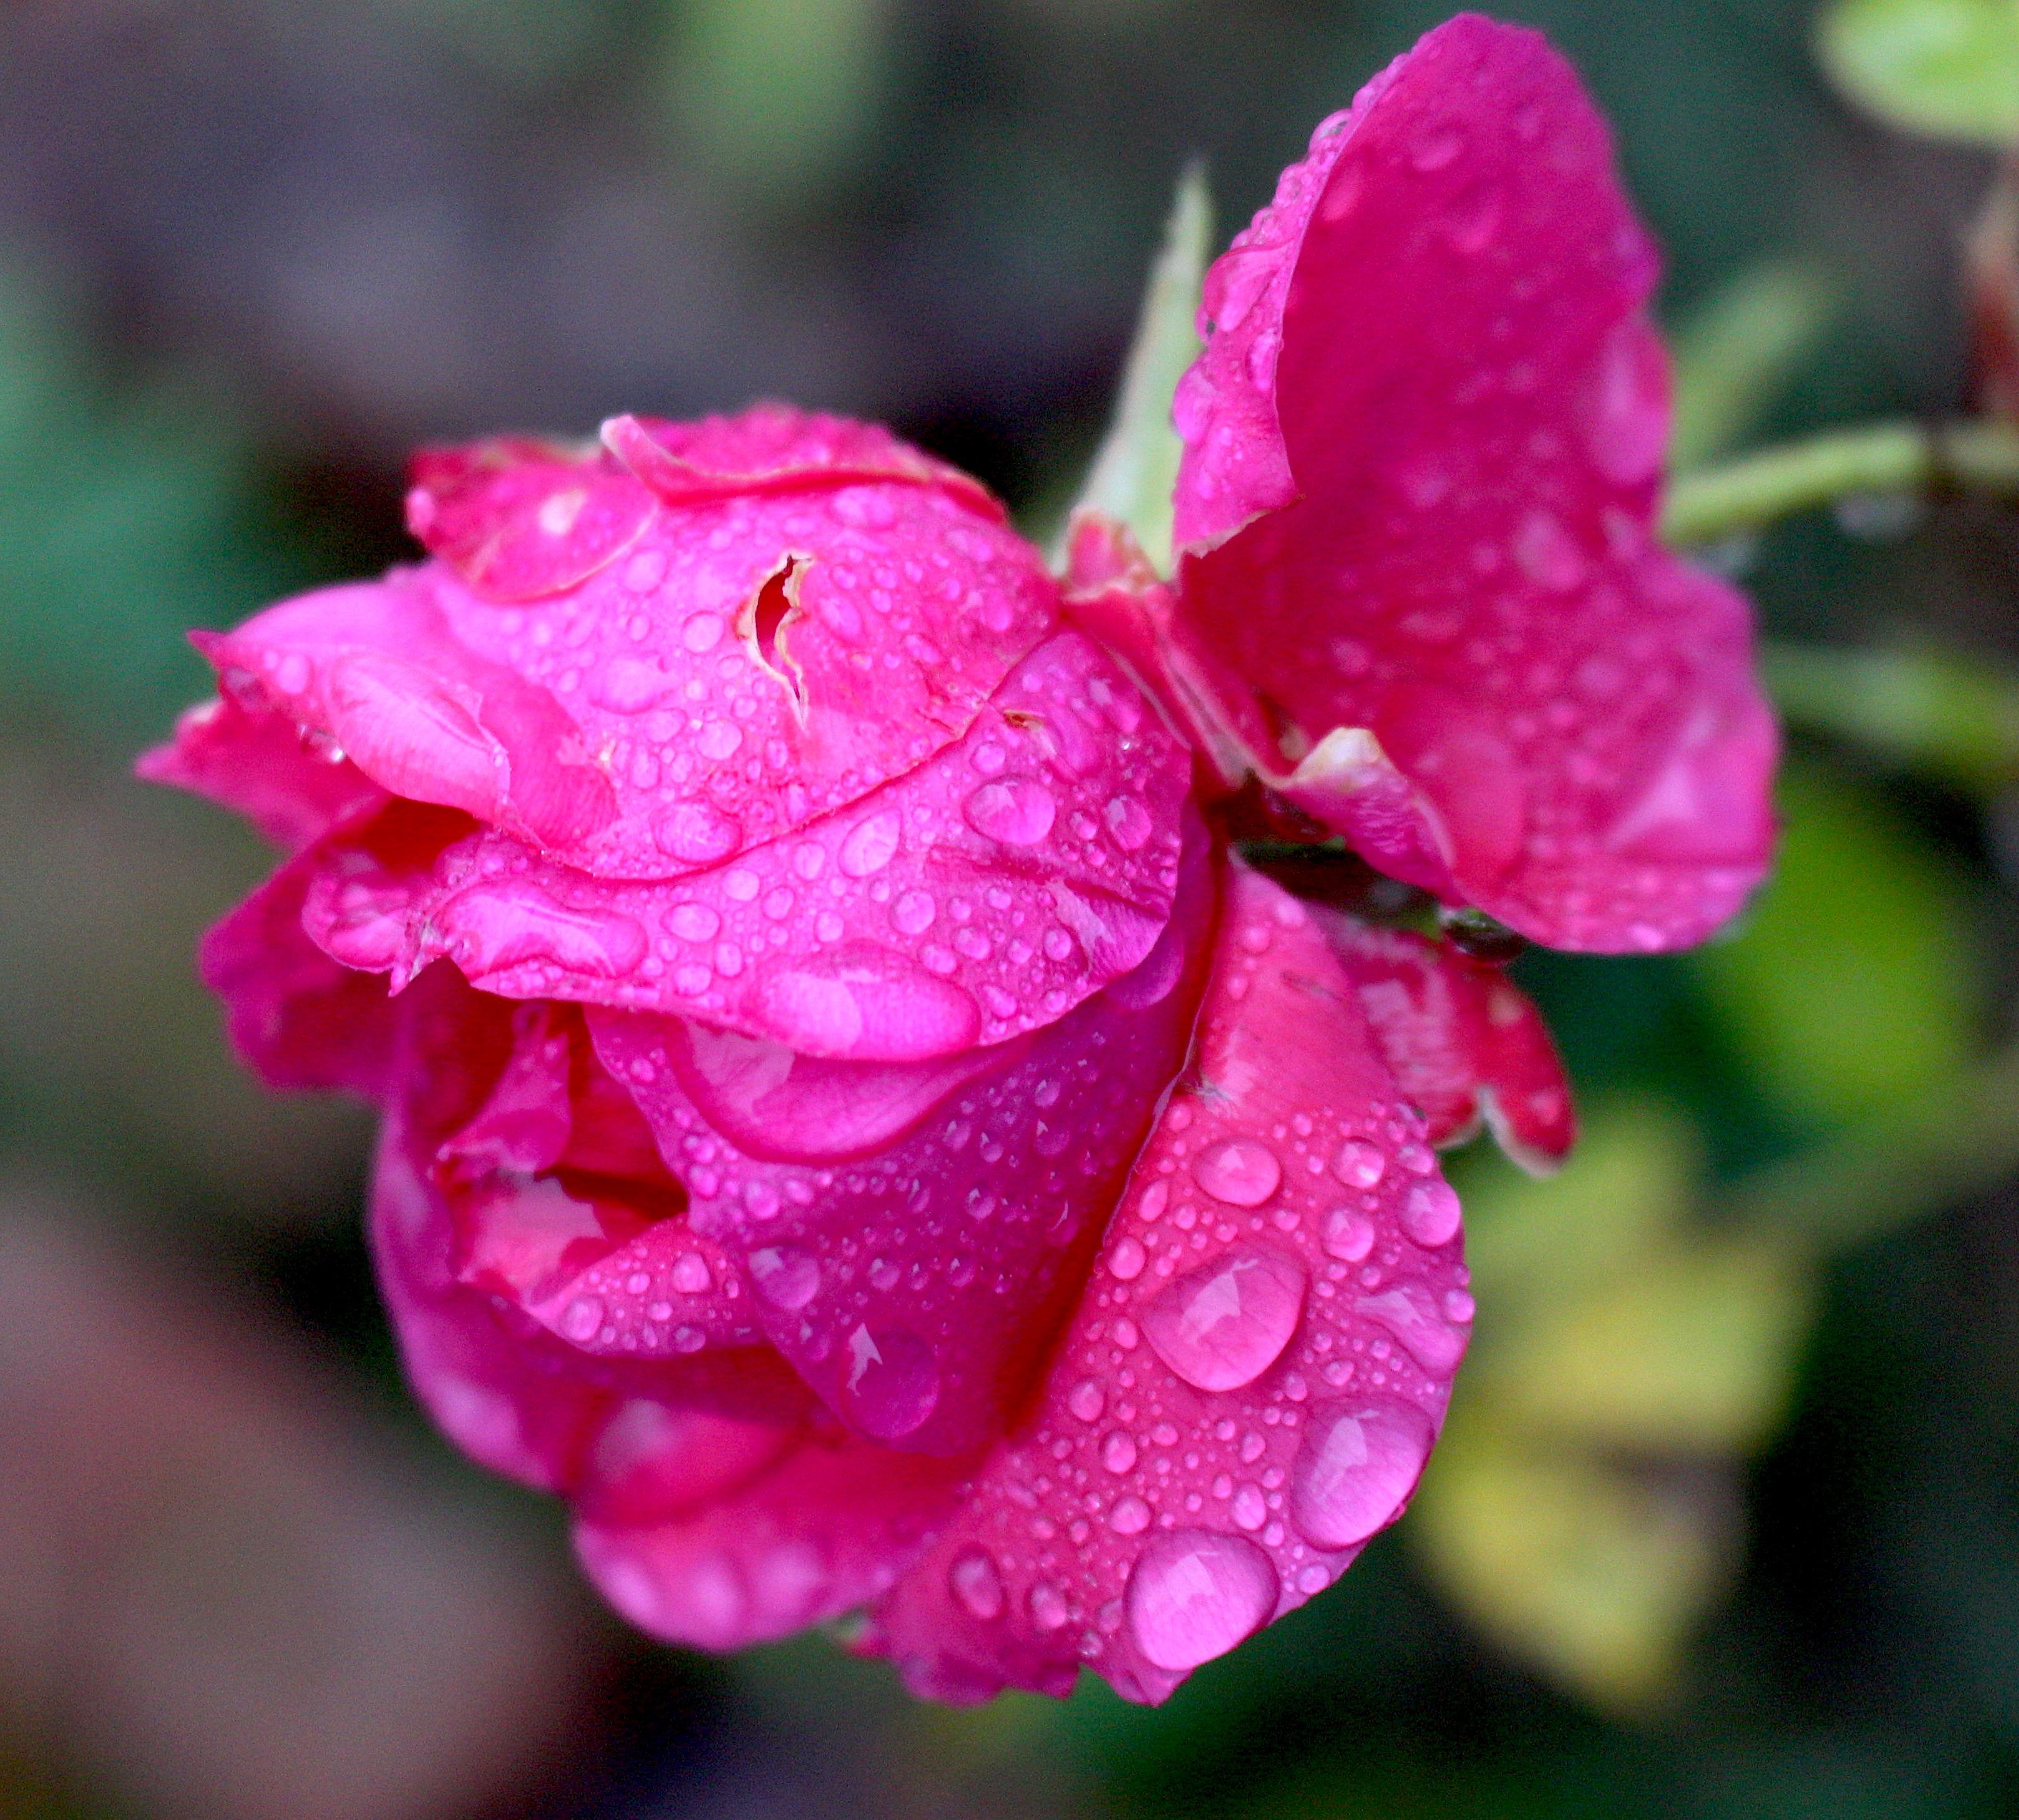 rose123171